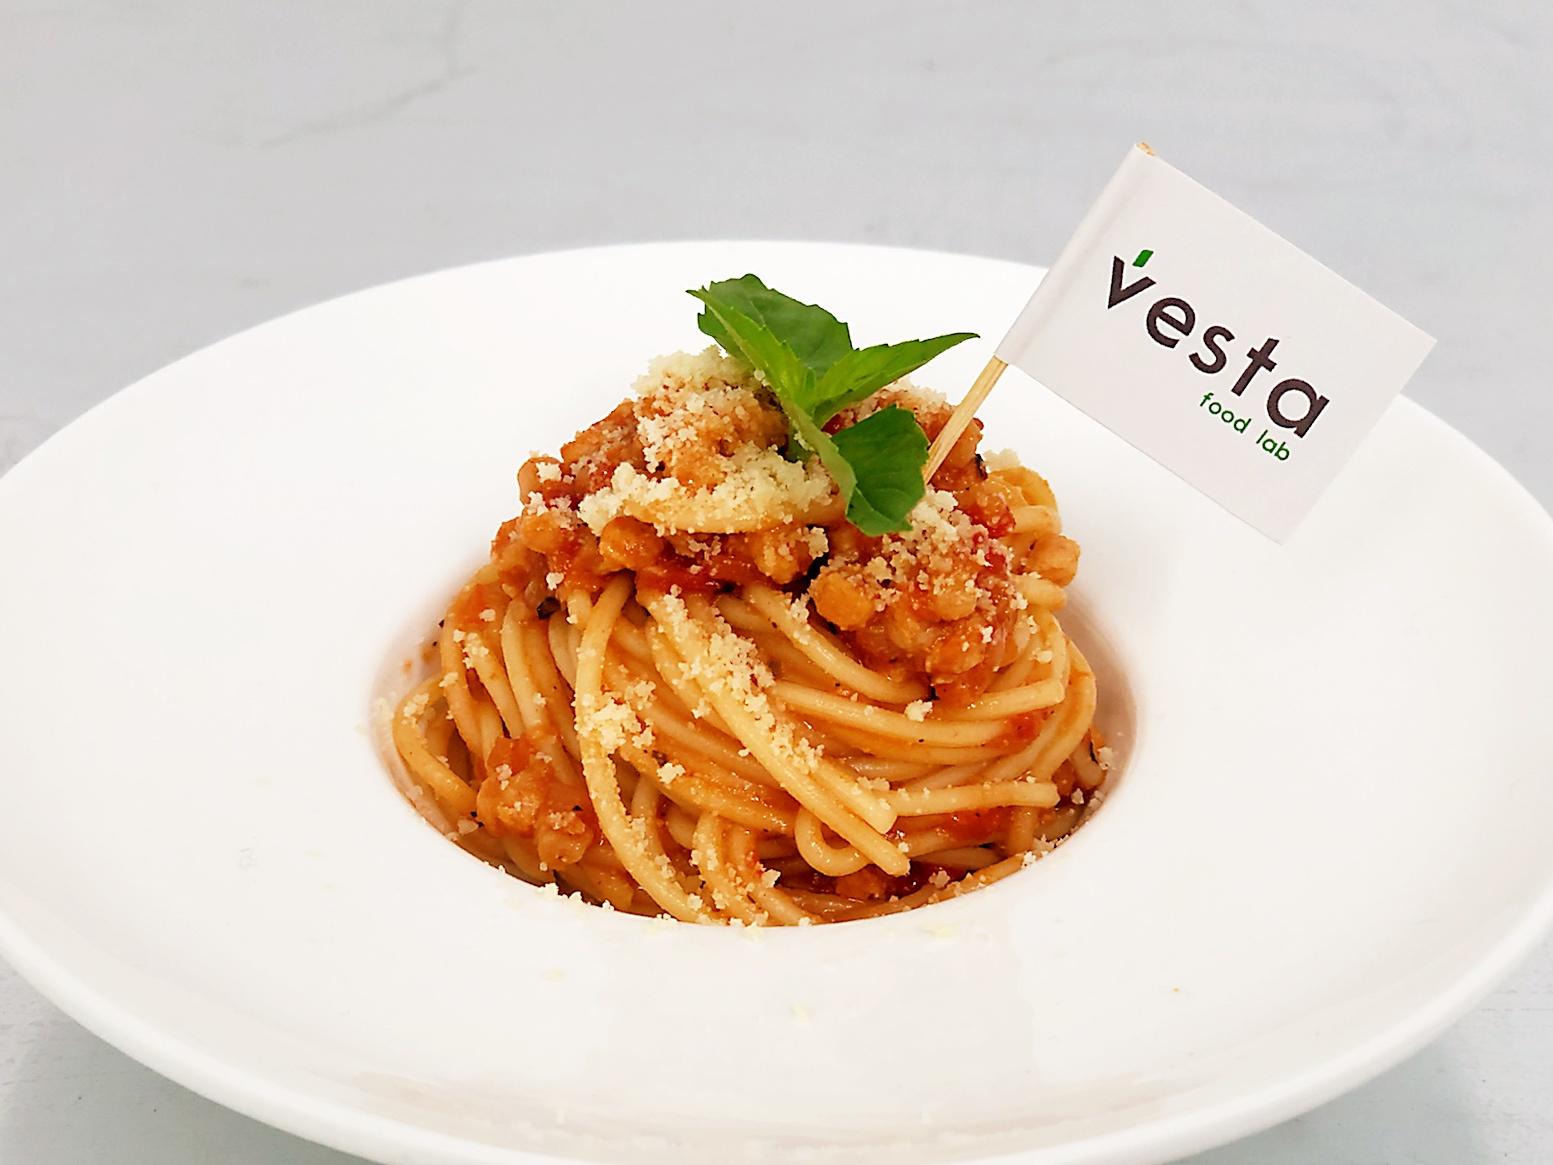 人造肉商业化进程加快,「Vesta未食达」将与「拉面说」联合推出植物肉意面